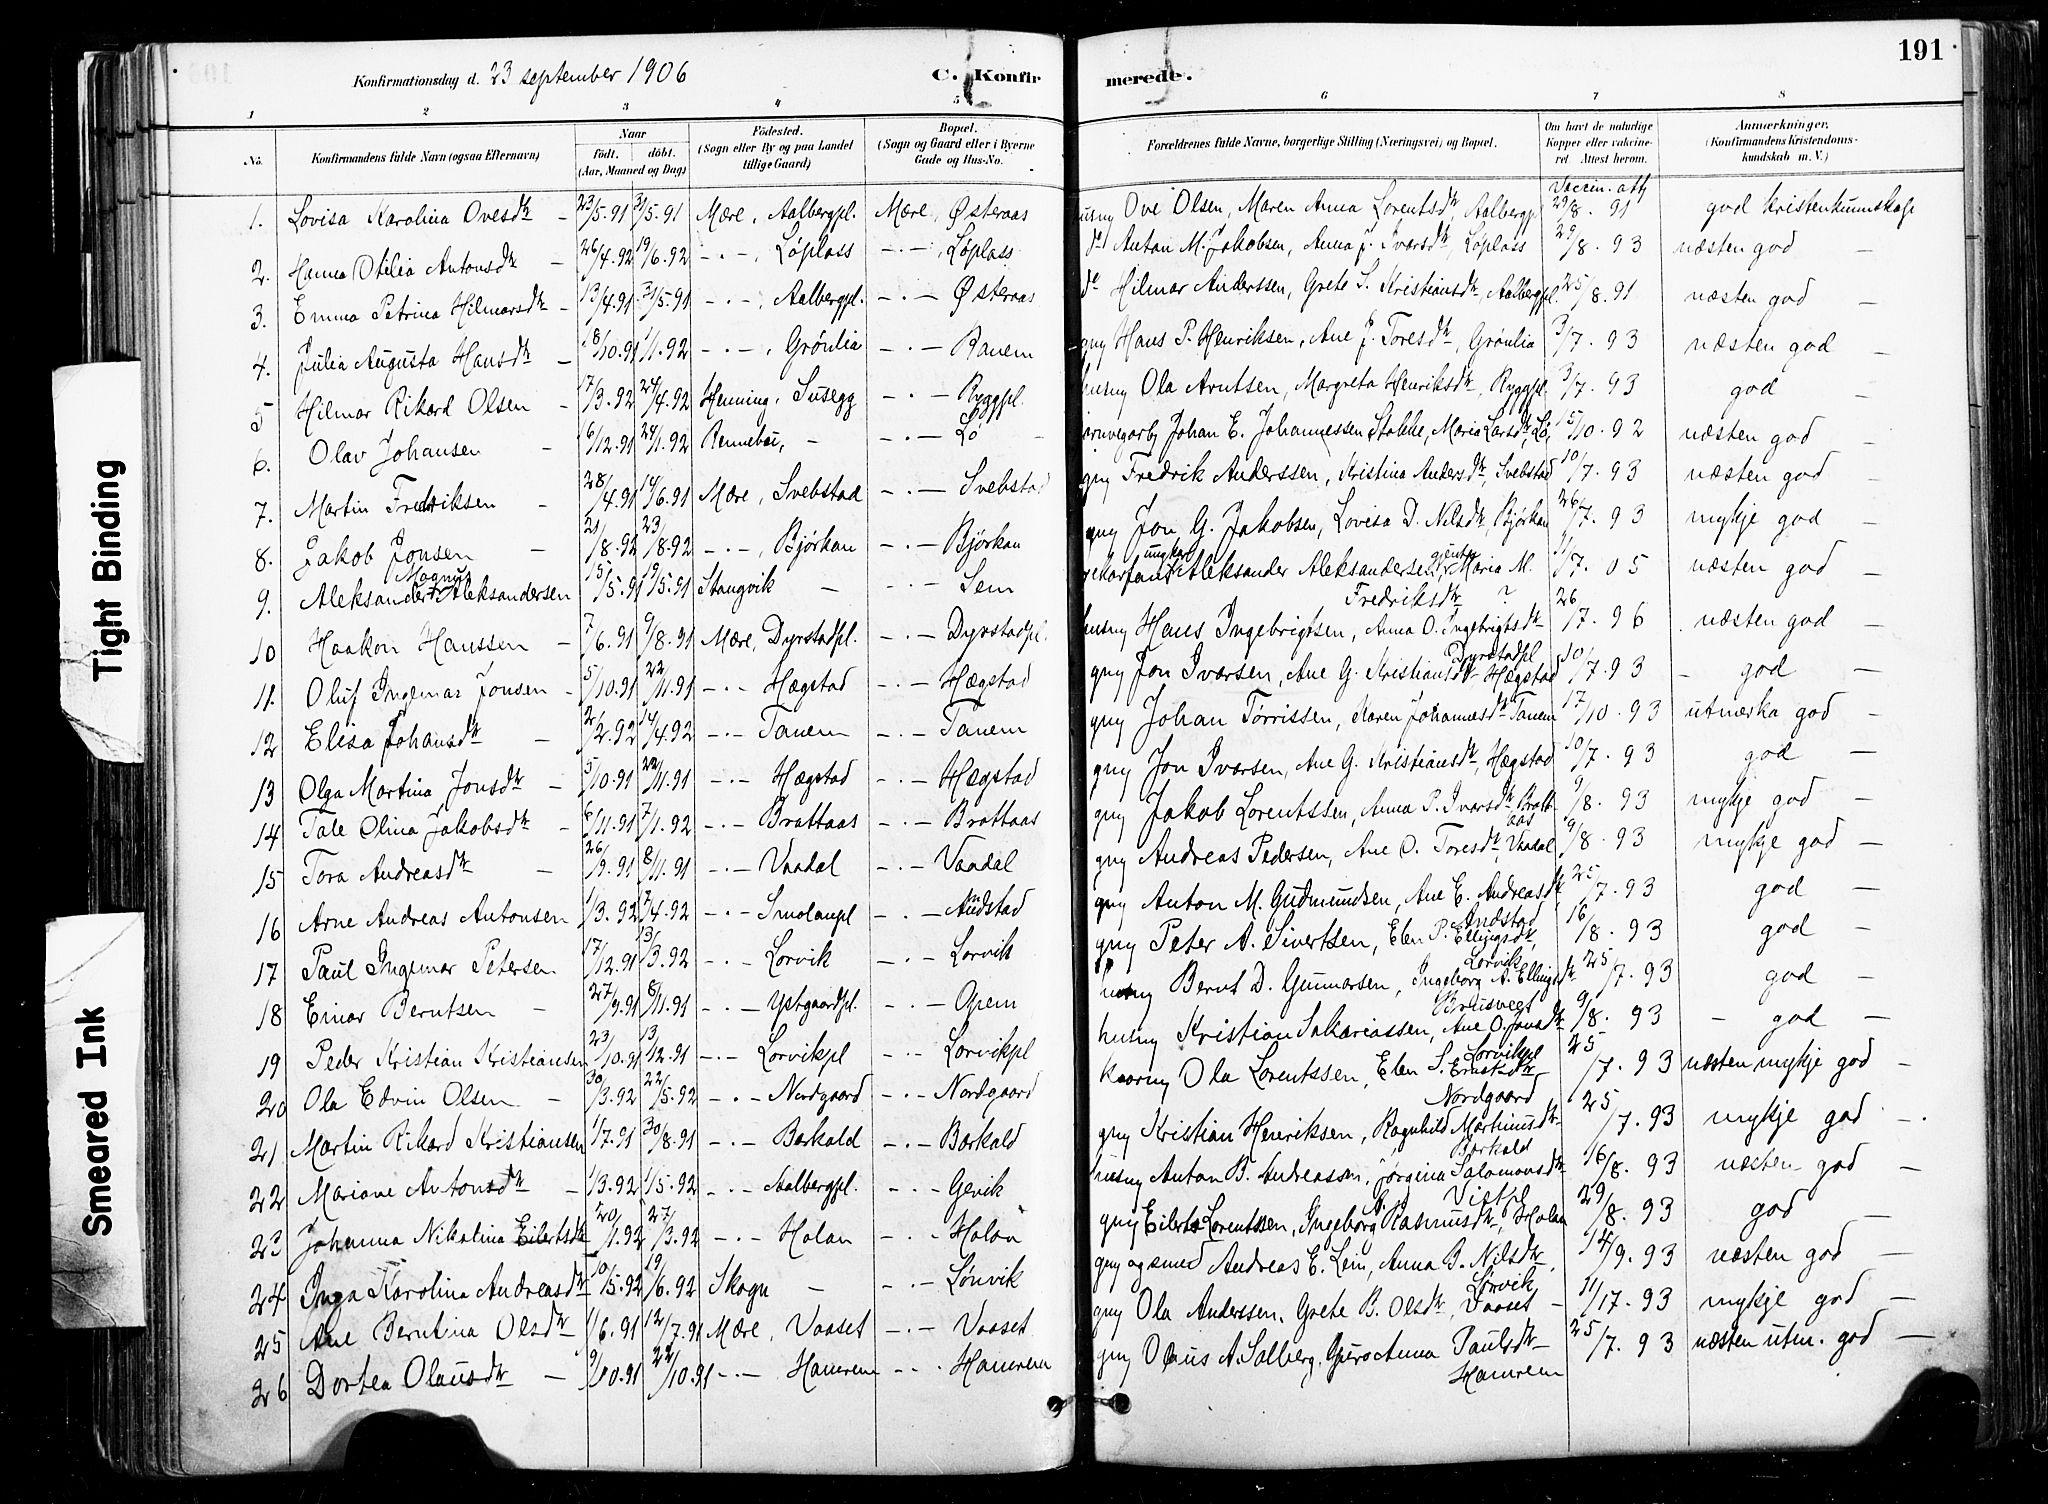 SAT, Ministerialprotokoller, klokkerbøker og fødselsregistre - Nord-Trøndelag, 735/L0351: Ministerialbok nr. 735A10, 1884-1908, s. 191